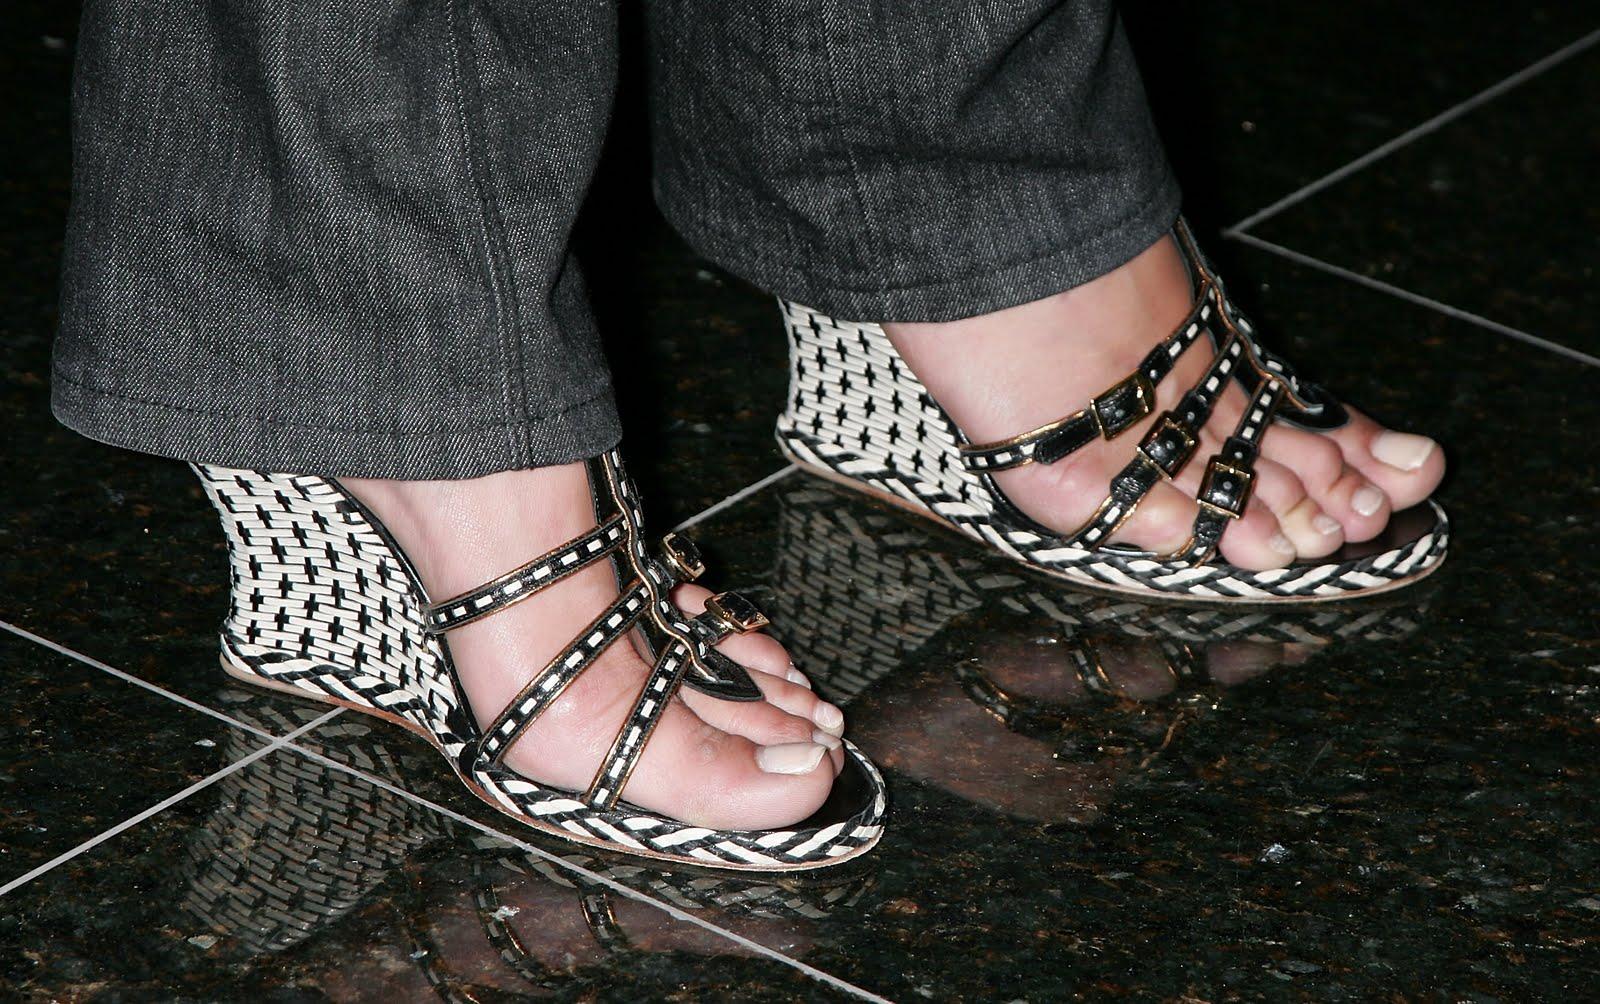 http://3.bp.blogspot.com/_UaLWp72nij4/TAAif1jBrSI/AAAAAAAANCs/hK6CXzwq8OU/s1600/maria-bello-feet-3.jpg